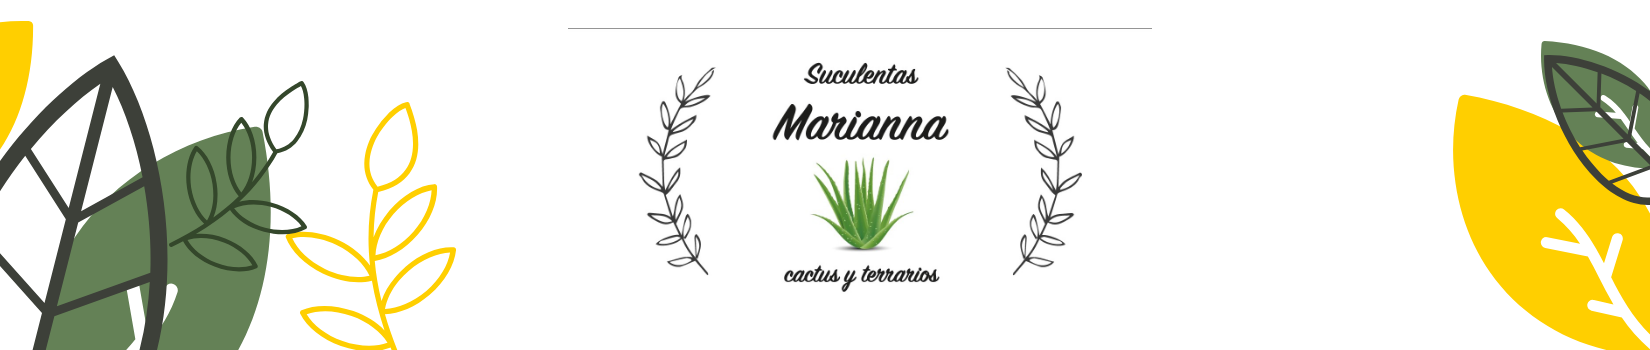 Suculentas marianna cactus y terrarios